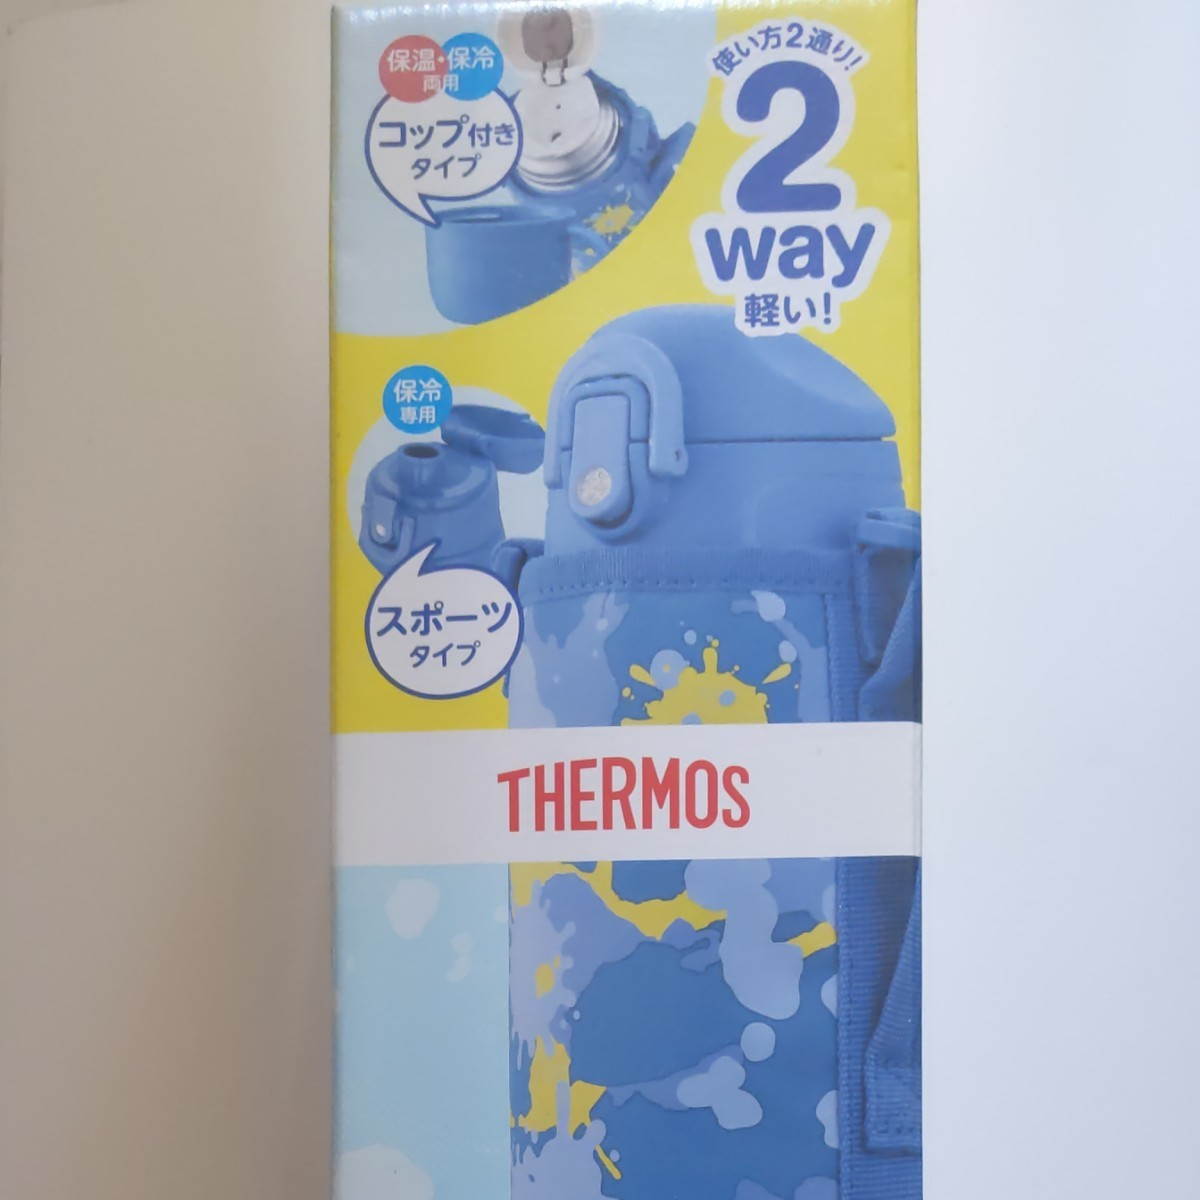 THERMOS サーモス 真空断熱2wayボトル 0.8L 水筒 スポーツタイプ 2ウェイボトル  サーモス水筒